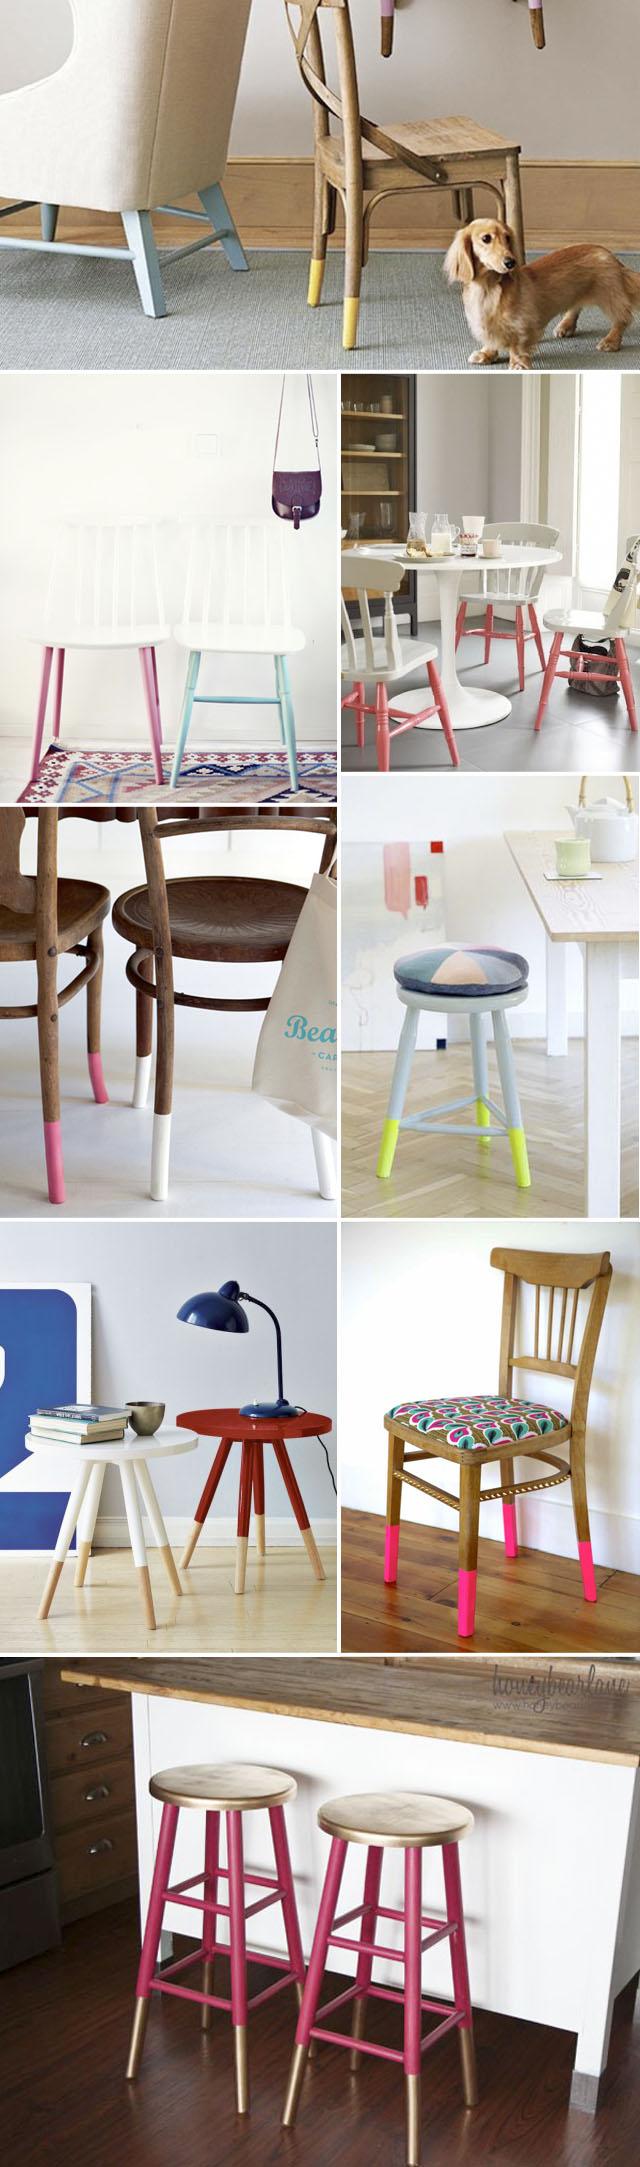 blog-da-alice-ferraz-pernas-cadeiras-coloridas (2)